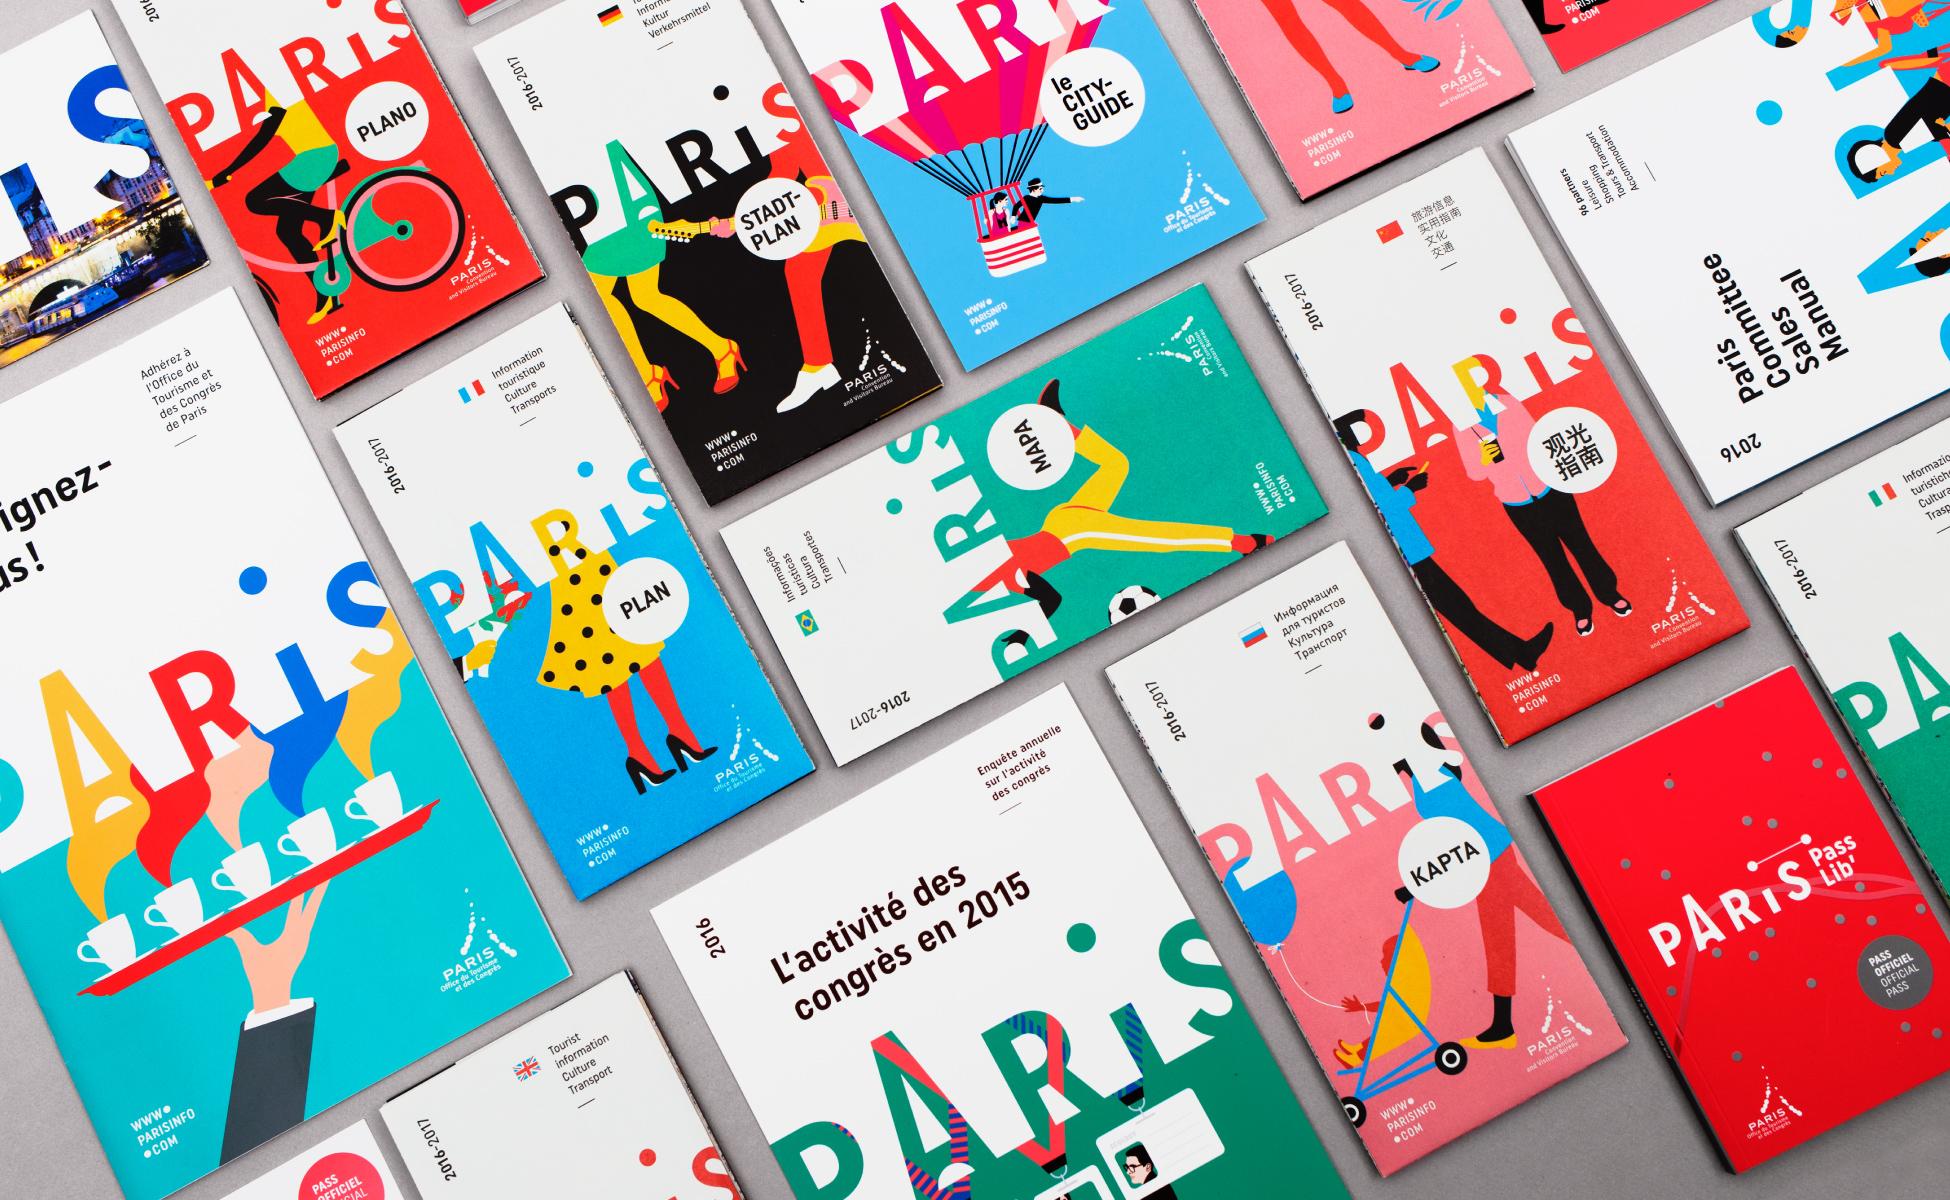 46ba17ea Paris Convention and Visitors Bureau rebranding - Graphéine